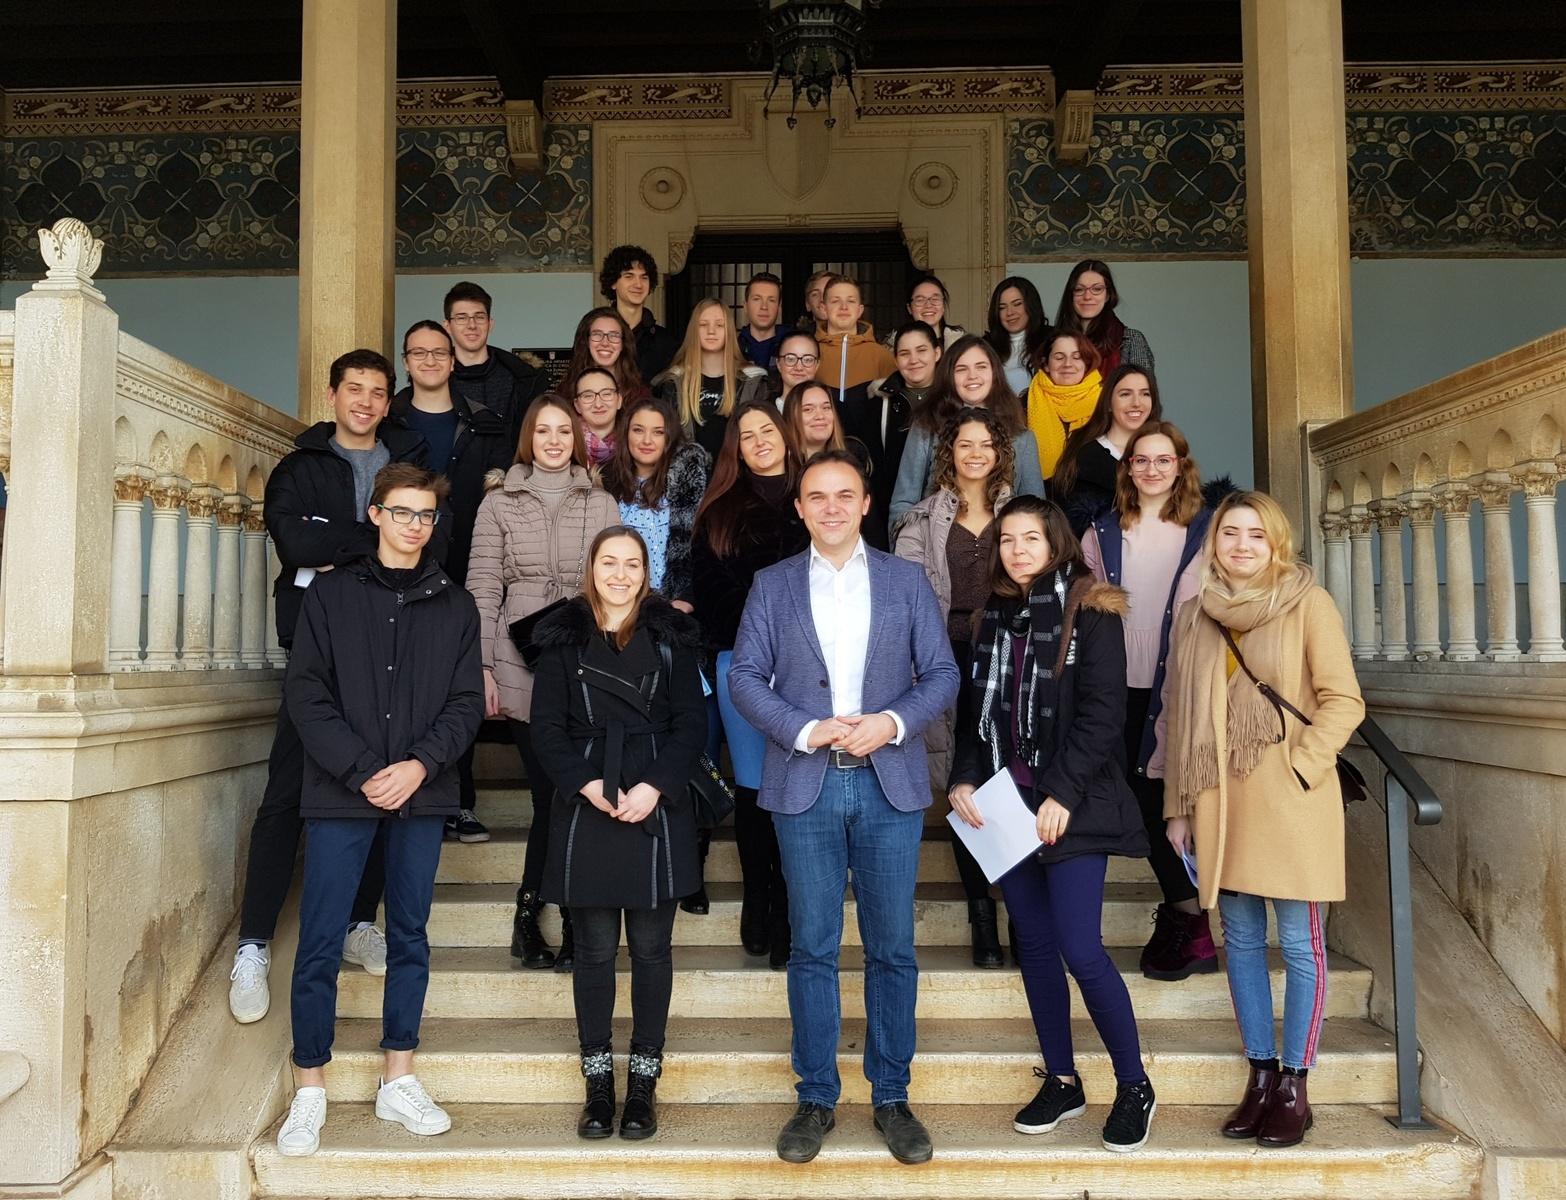 Poreč grad s najvećim stipendijama za učenike i studente u Hrvatskoj